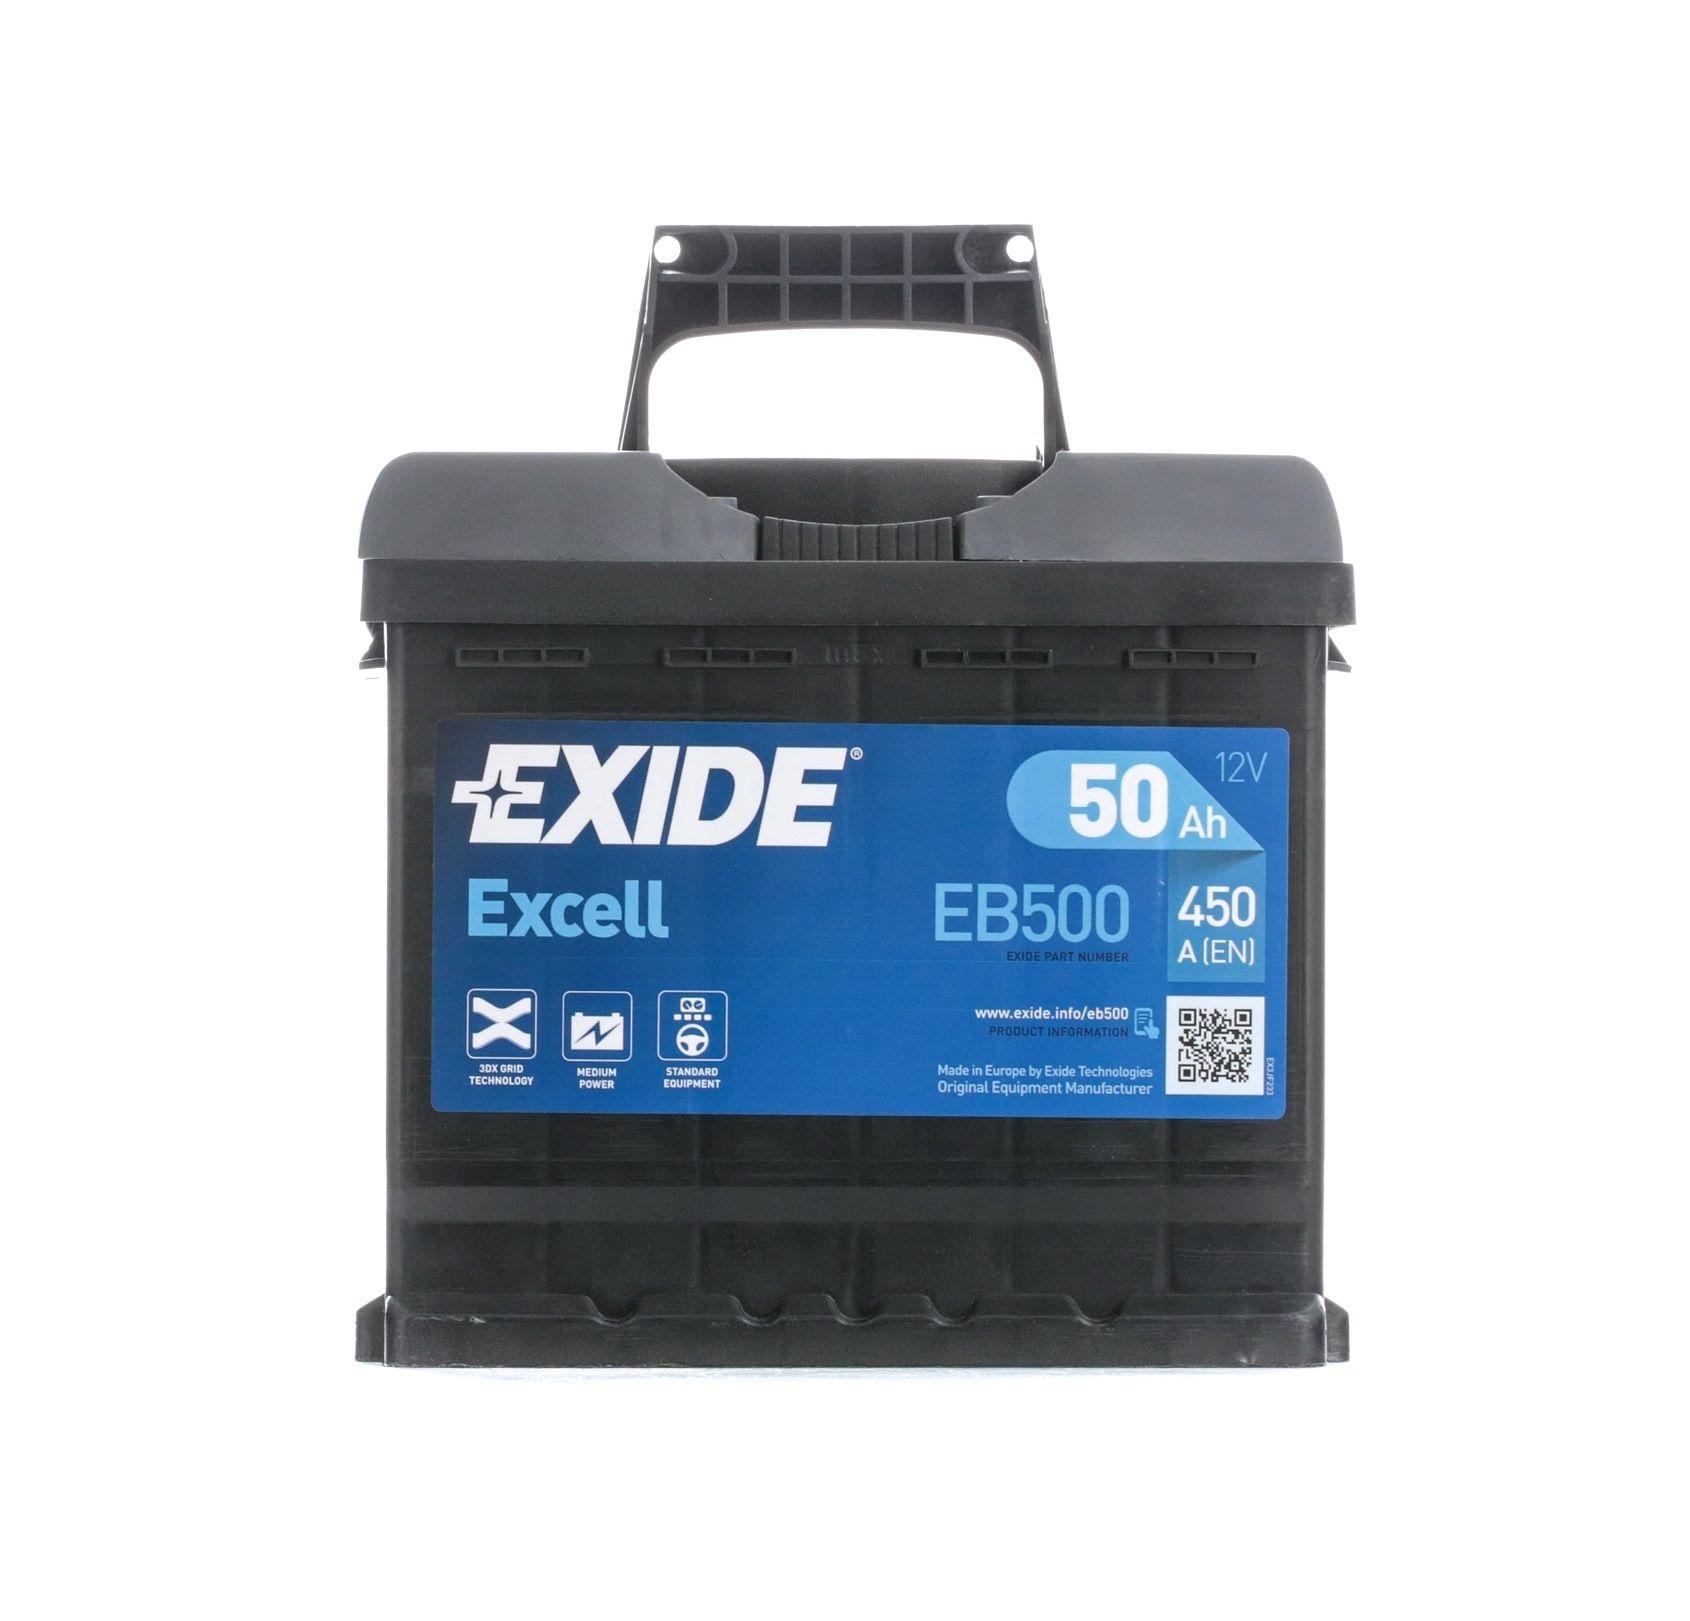 Achetez Électricité auto EXIDE EB500 (Courant d'essai à froid, EN: 450A, Volt: 12V, Disposition pôles: 0) à un rapport qualité-prix exceptionnel